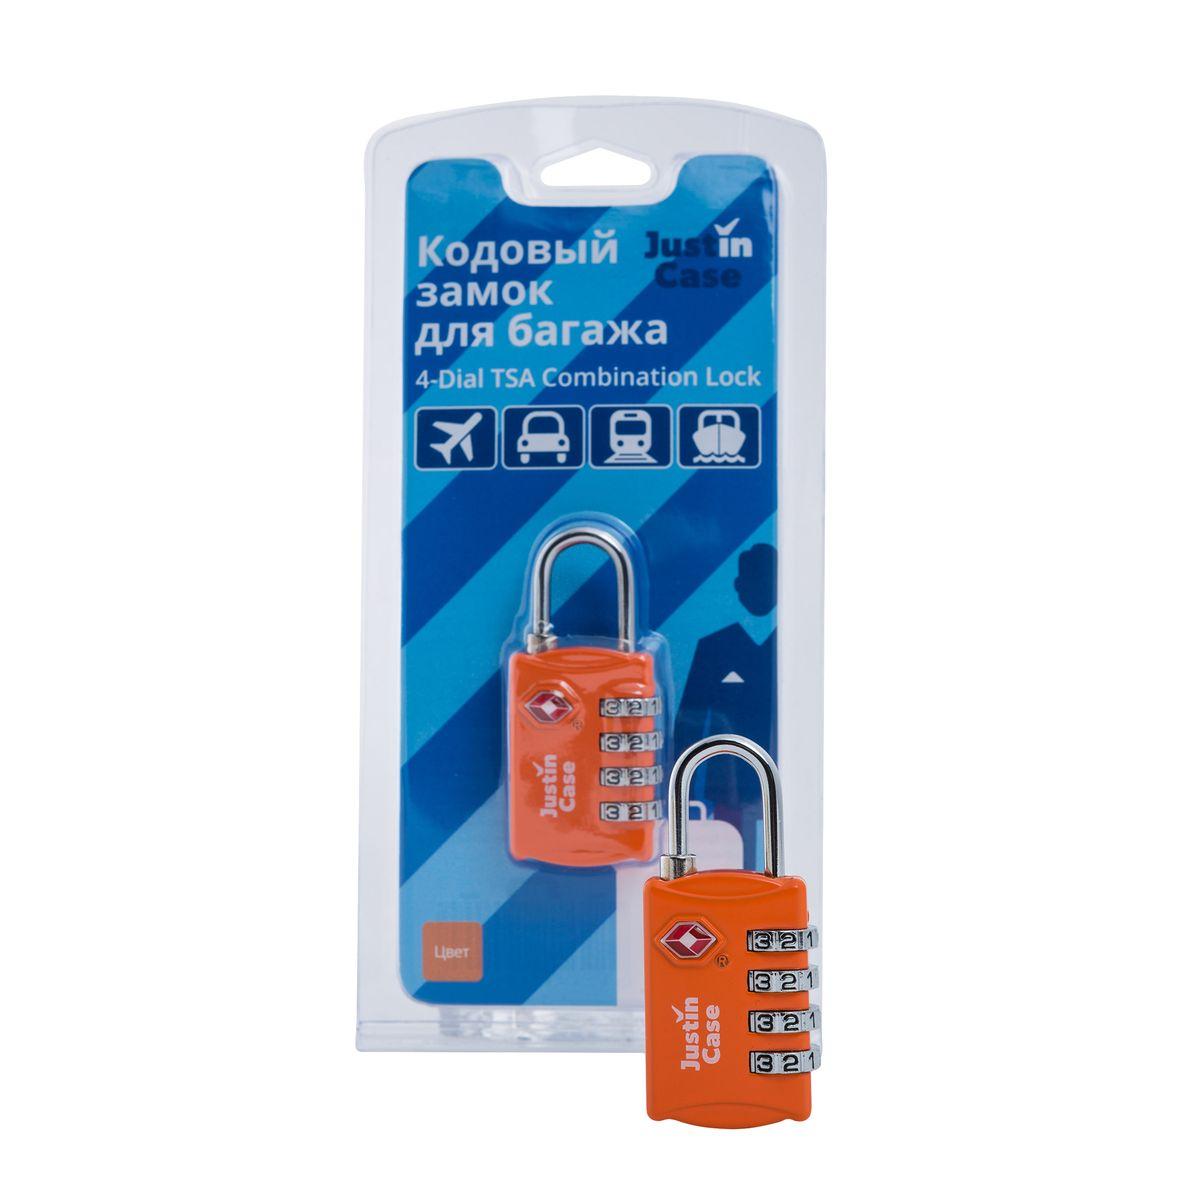 Замок кодовый для багажа JustinCase 4-Dial TSA Combination Lock, цвет: оранжевый22-0570 SЕще один вариант защиты багажа - компактный кодовый багажный замок. Кодовый замок JustinCase 4-Dial TSA Combination Lock отличается от обычного тем, что вы можете установить собственную, известную только вам комбинацию цифр, без которой кодовый замок для багажа просто не откроется. Замок этот очень прочен - изготовлен из цинкового сплава. Если в вашем багаже есть хоть одна ценная вещь, такой замок позволит вам спокойно сдавать чемоданы и сумки багажным службам.